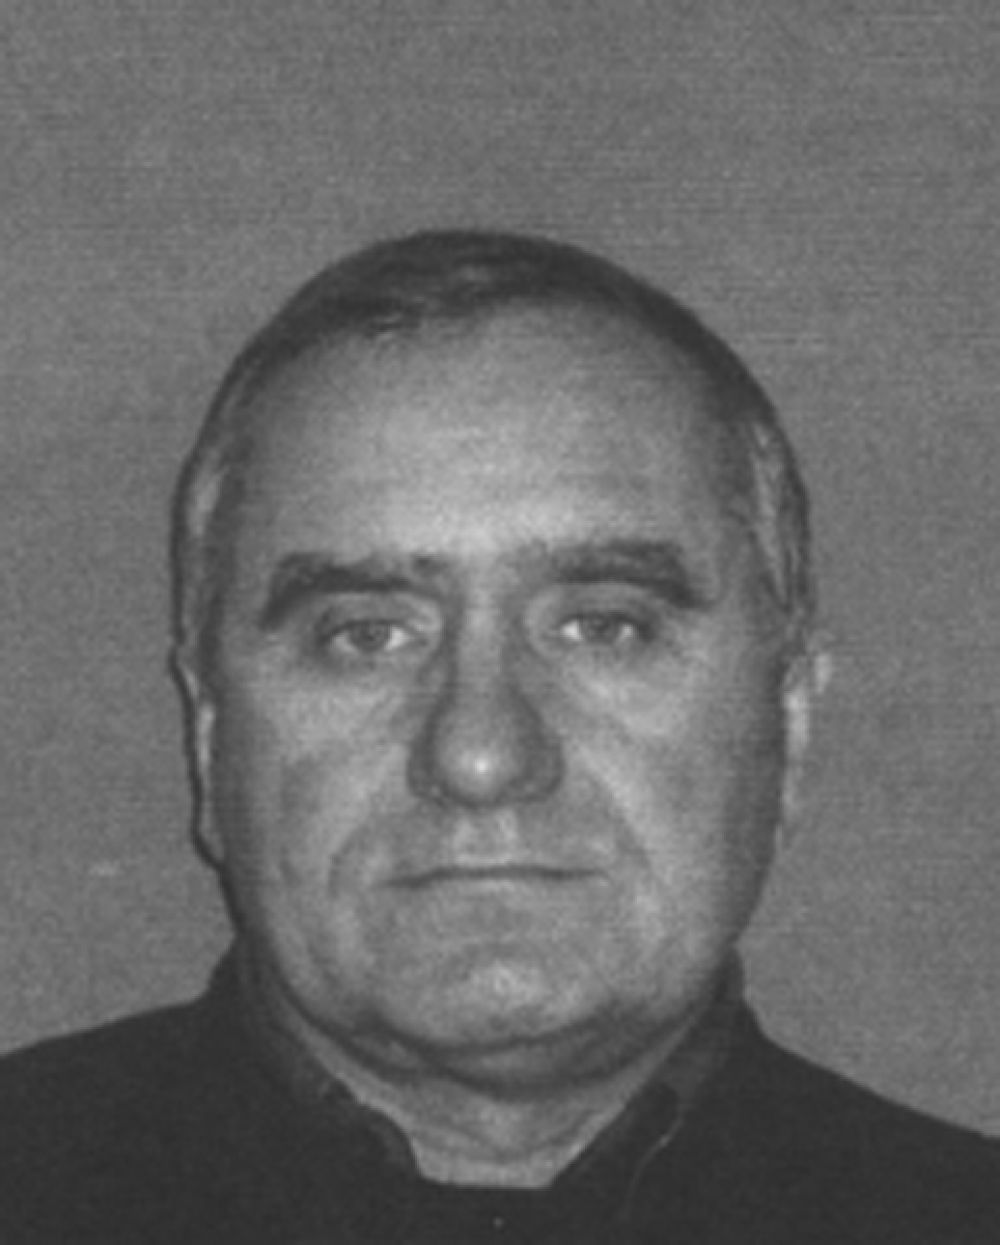 Валерий Андреев, 1957 года рождения. Водителя-дальнобойщика, известного как «орский маньяк», полицейские разыскивают уже шесть лет. Его жертвами стали как минимум 7 женщин в возрасте от 17 до 40. Девушек, пытавшихся уехать из Оренбурга на «попутке», он похищал, насиловал и убивал.